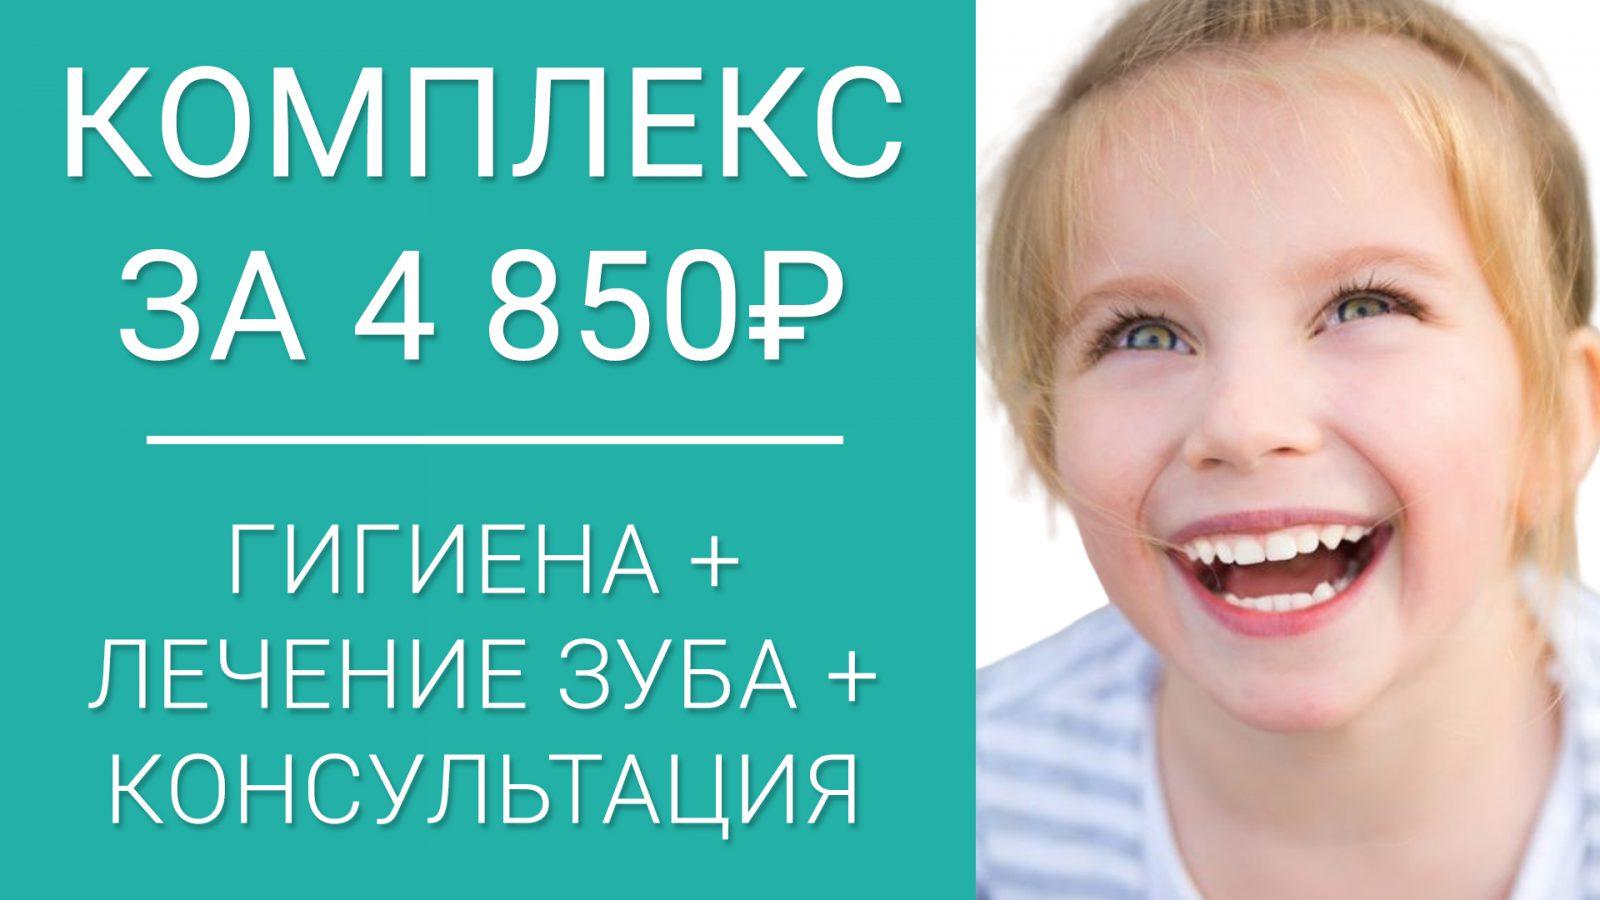 Комплекс для детей